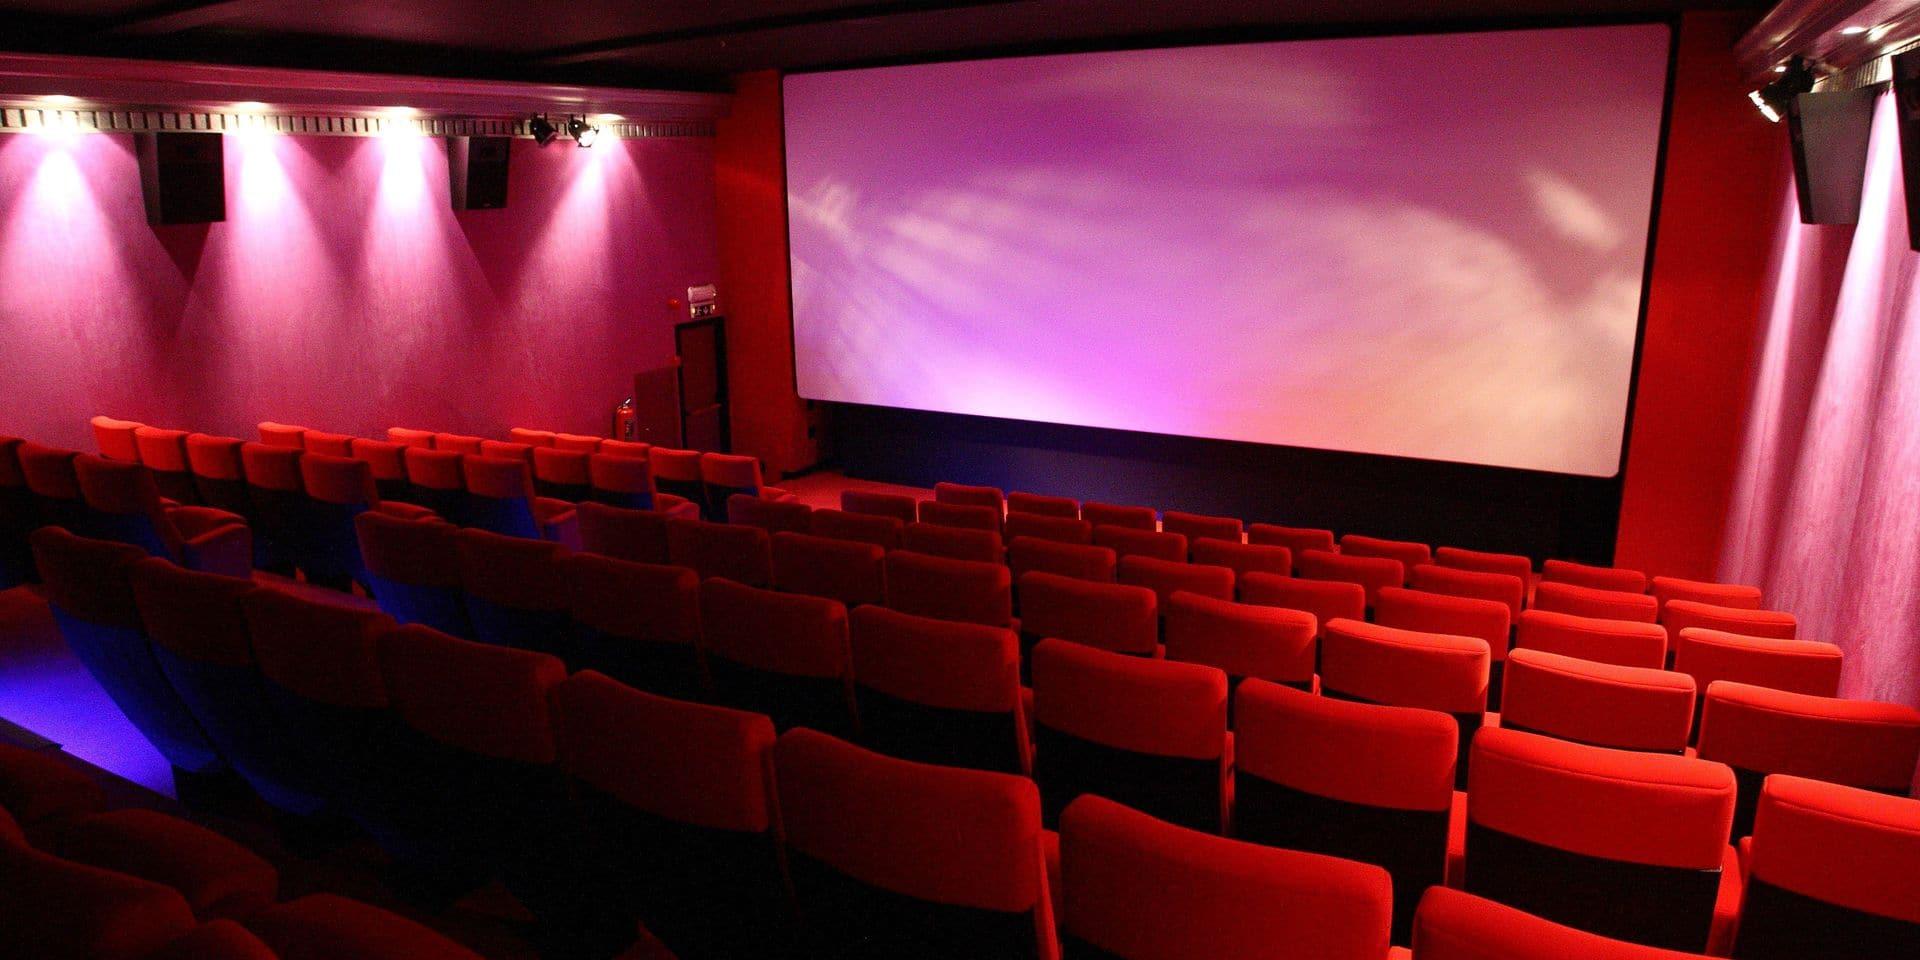 """Les salles de cinéma face au défi du déconfinement: """"Certaines salles pourraient perdre plus d'argent avec la réouverture qu'en restant fermées"""""""